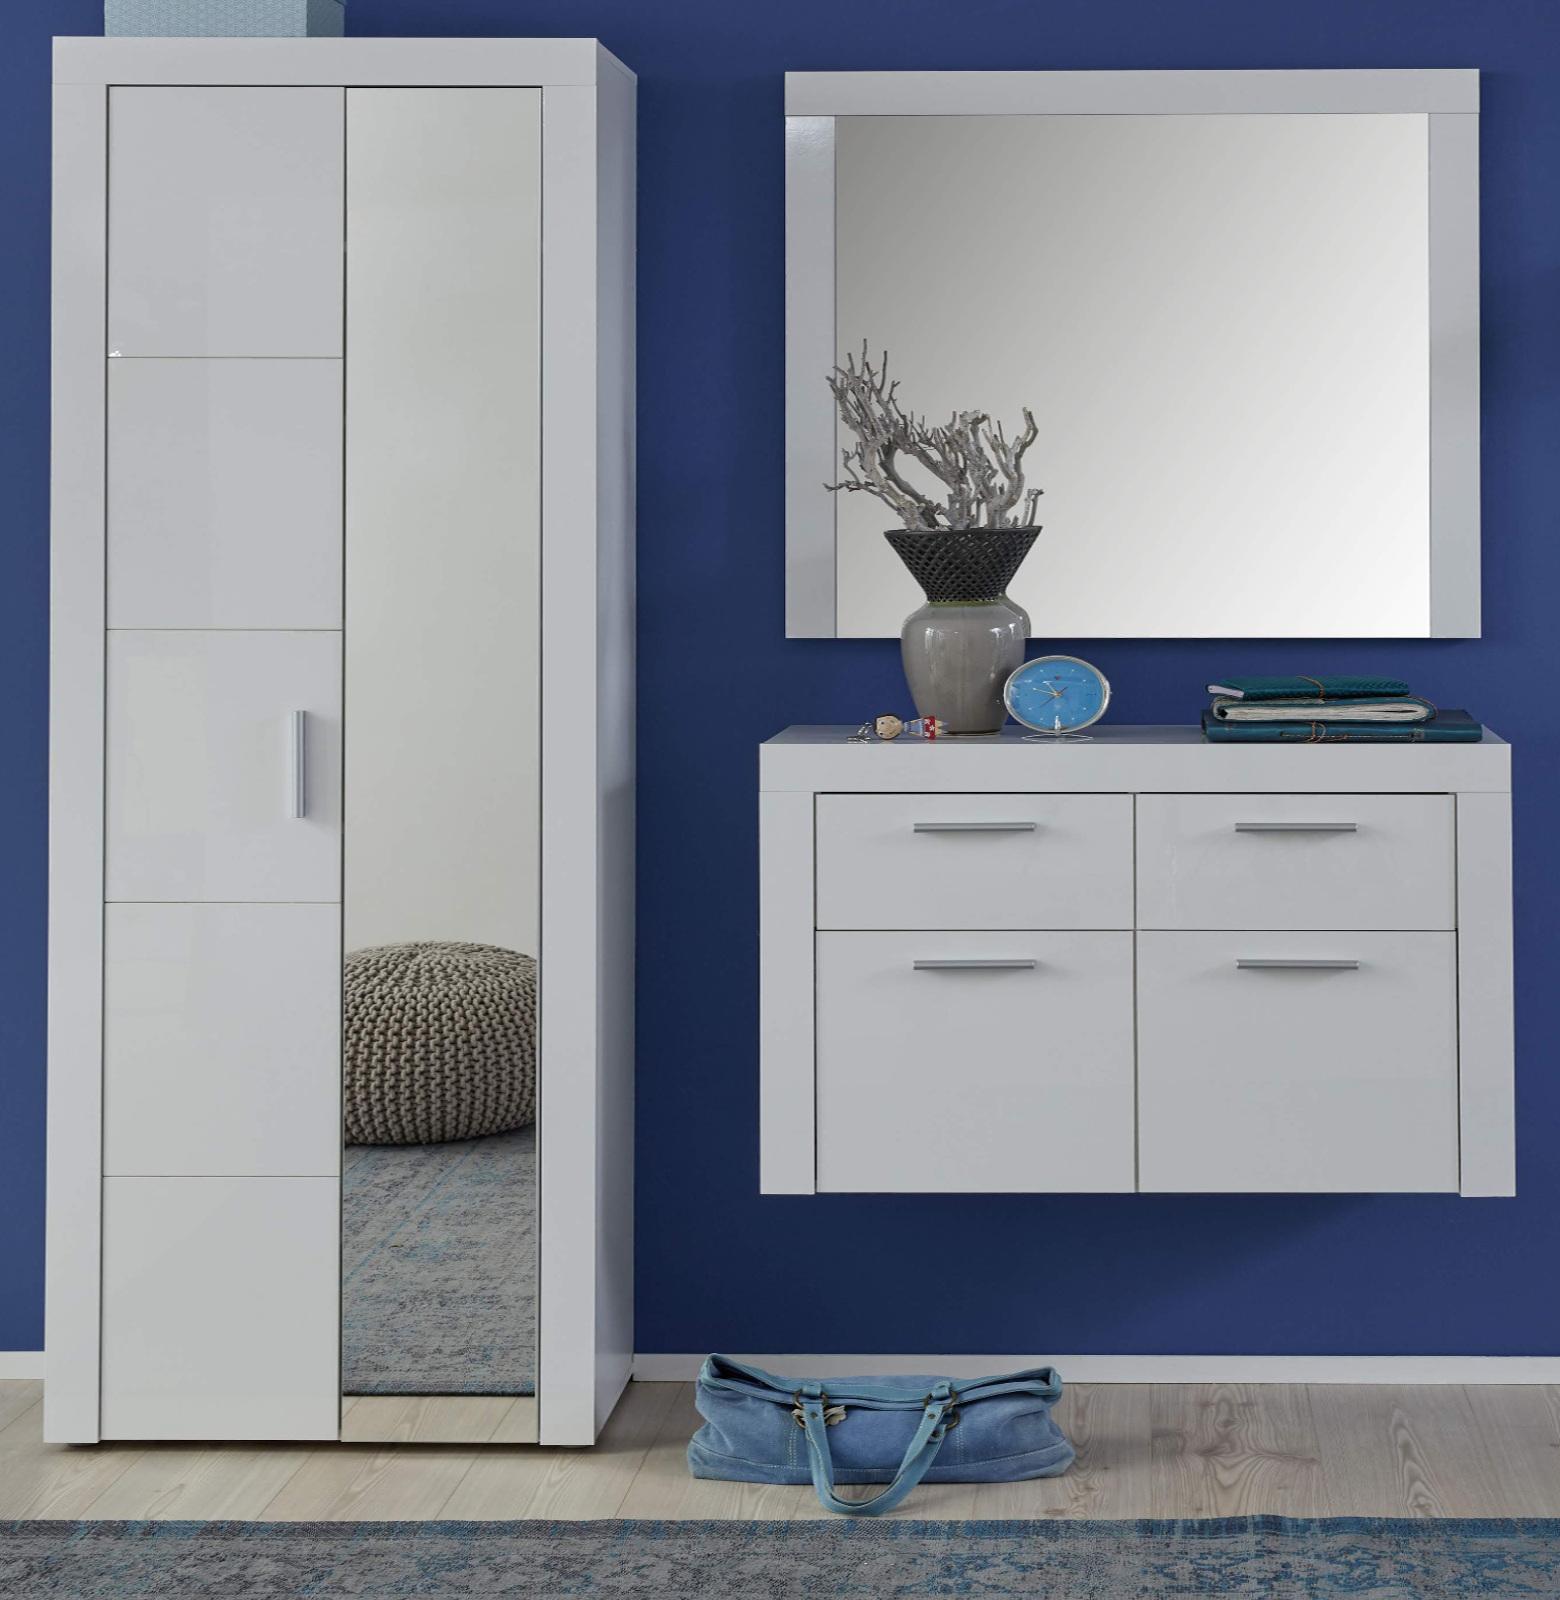 garderobenset kito 3 teilig hochglanz wei. Black Bedroom Furniture Sets. Home Design Ideas